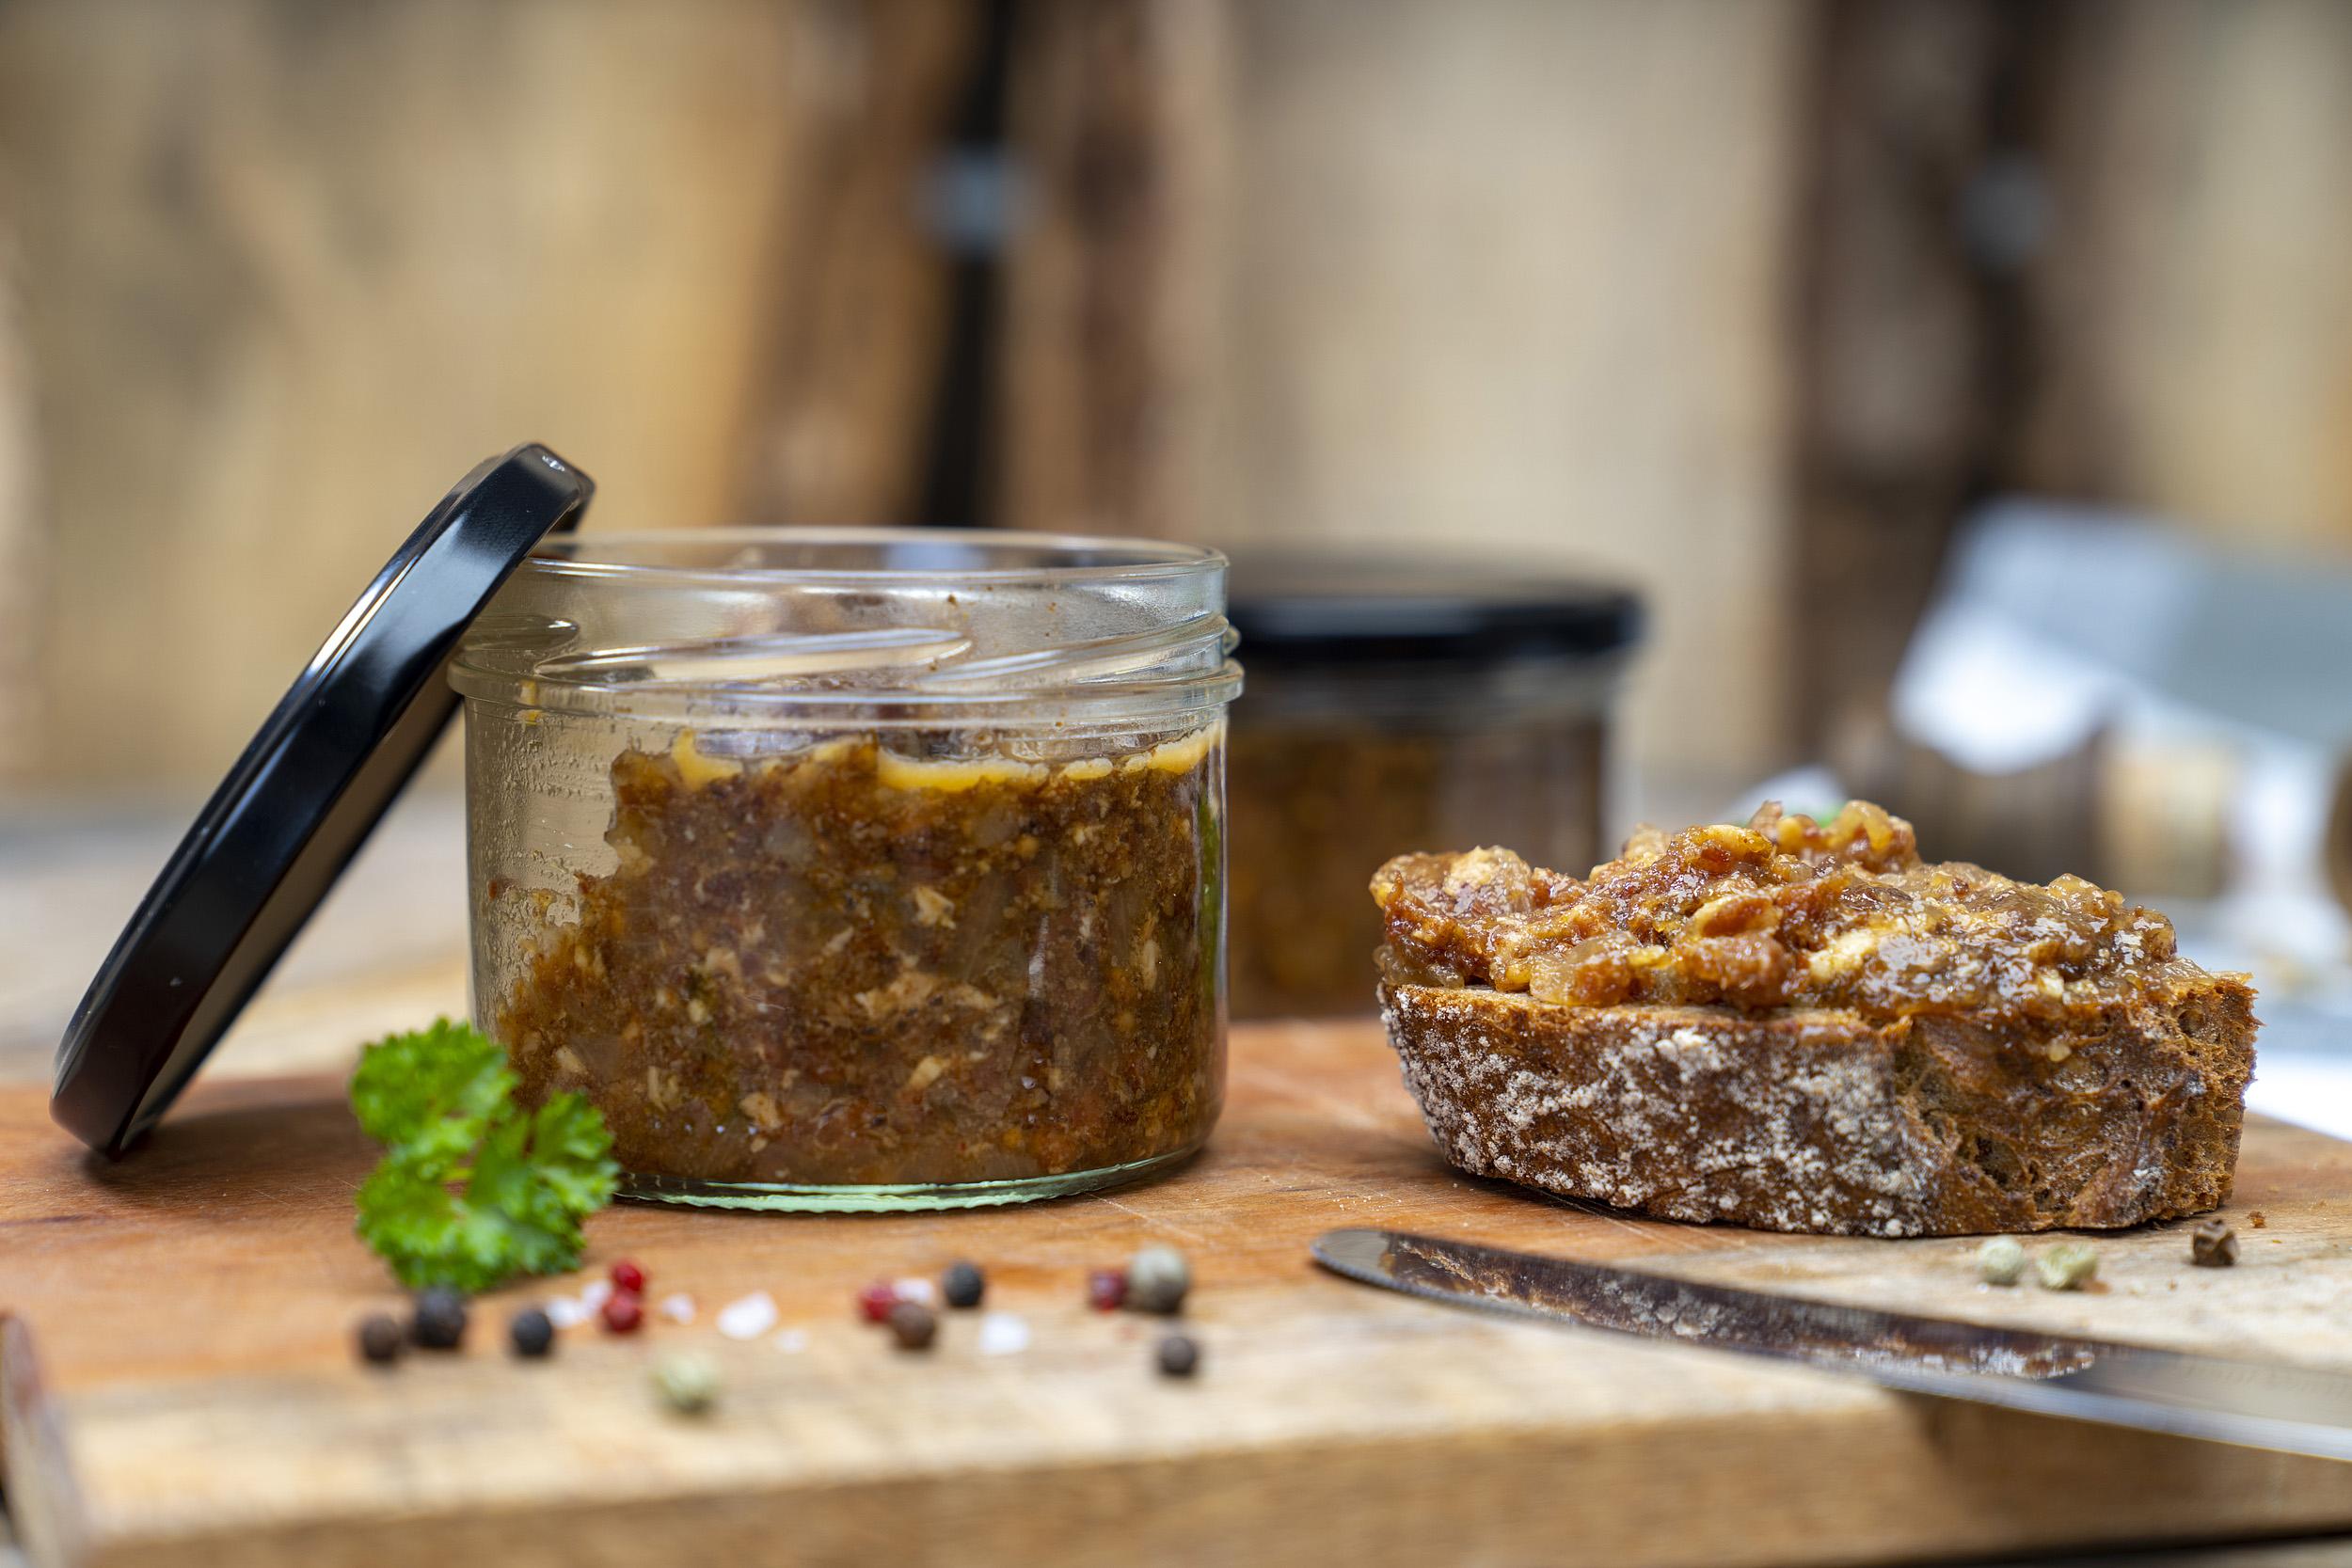 Auf einem Holzbrett steht ein Glas mit Bacon Jam. Daneben Gewürze, Kräuter und ein geschmiertes Brot mit der Marmelade. Im Hintergrund ein weiteres Glas. Vorn ein Messer am Brett.